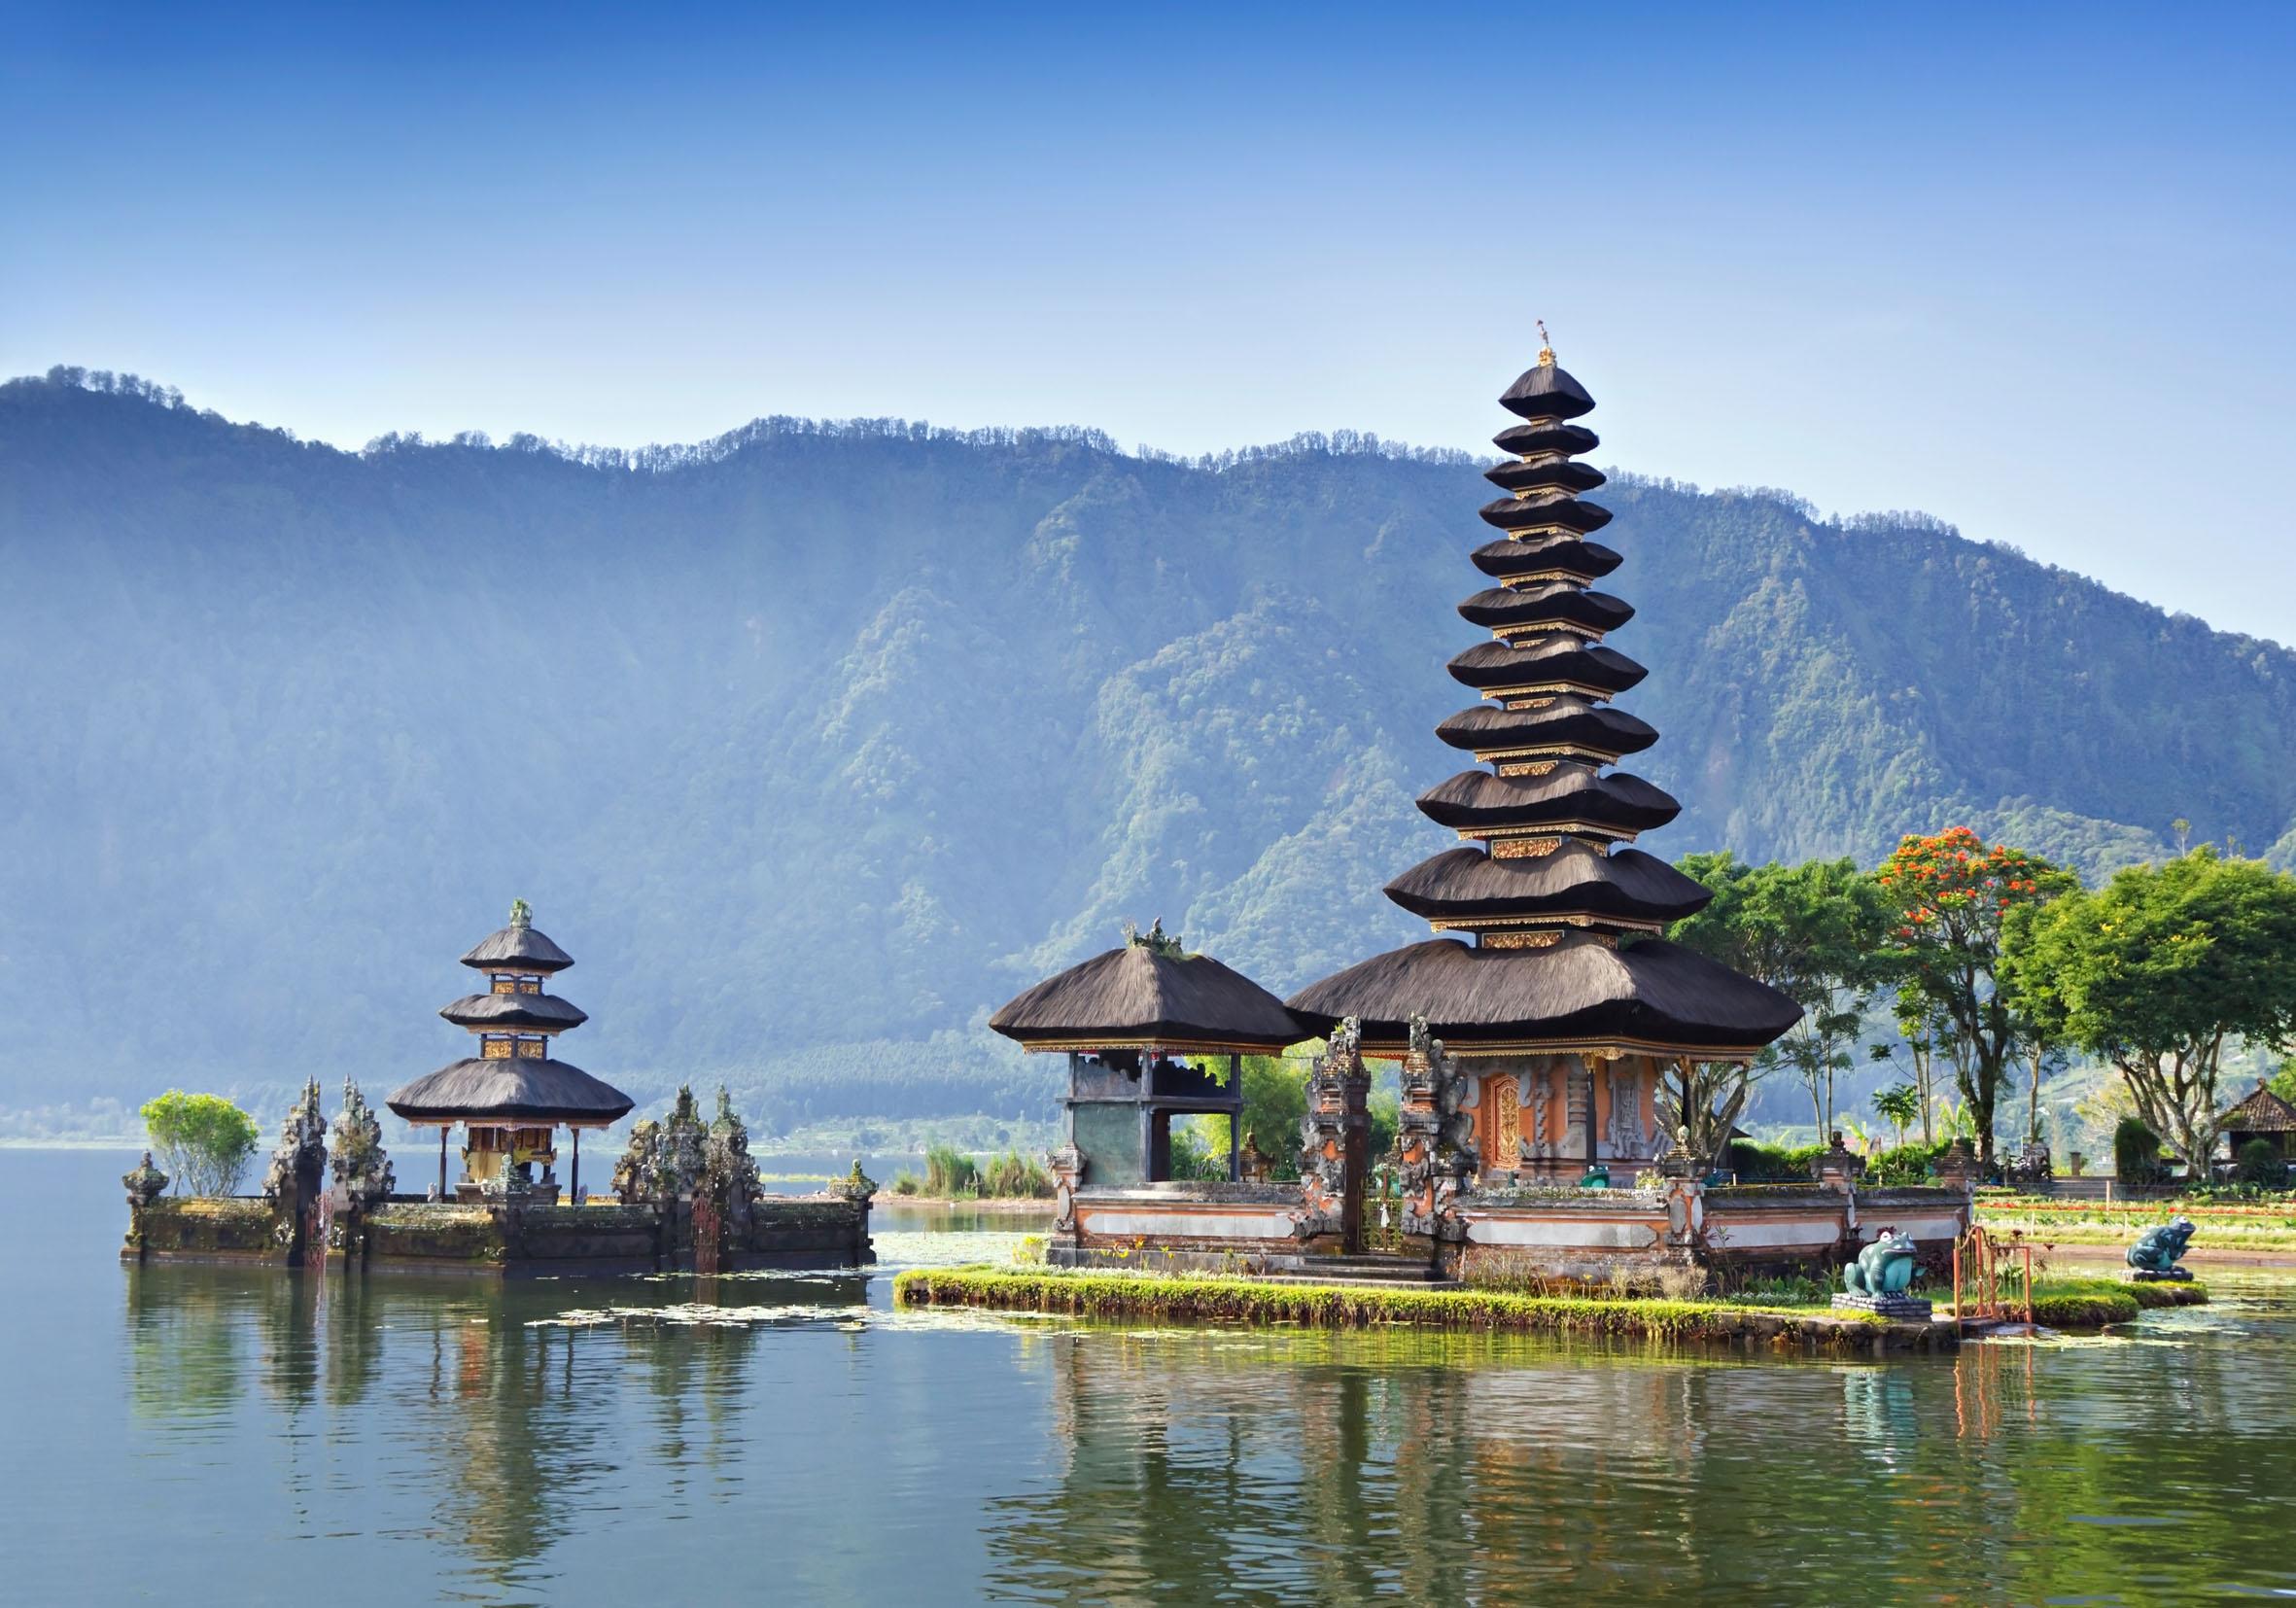 Cẩm nang du lịch tiết kiệm khi tới du lịch Indonesia